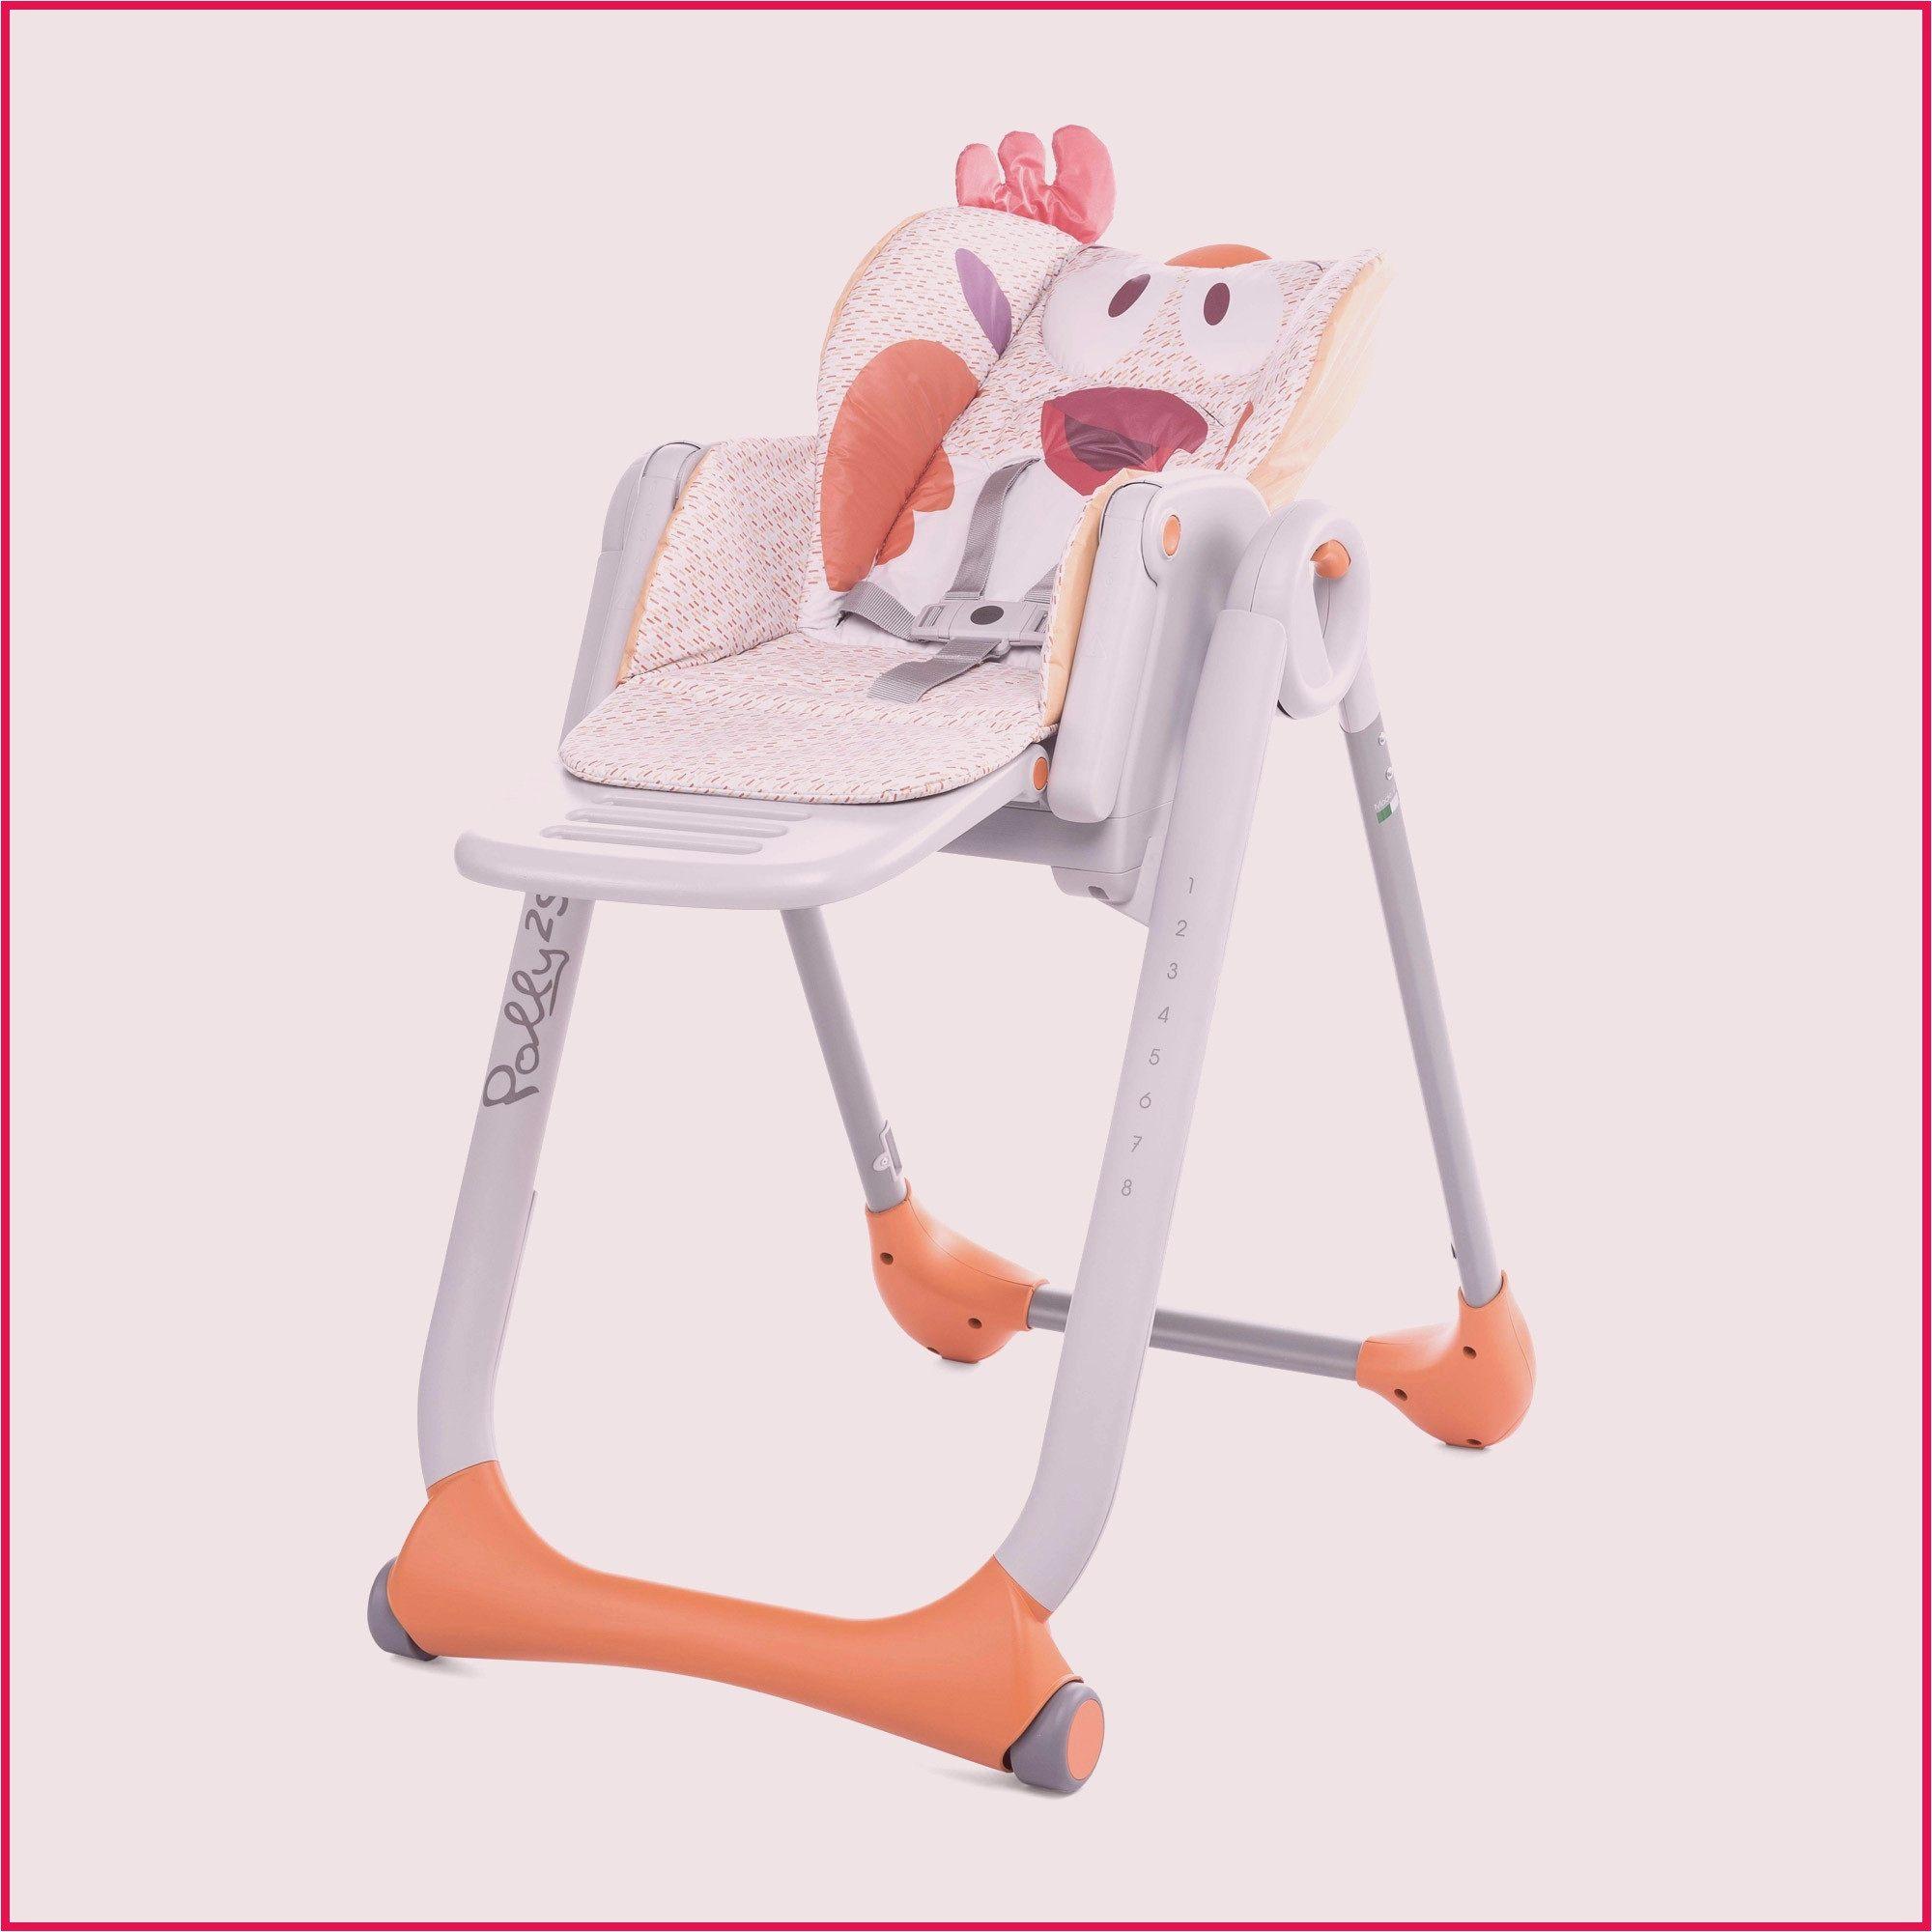 Lit Superposé Fer Unique Chaise Table Bébé Cuisine Pour Bebe Lovely Lit Ikea Bebe 12 Superpos